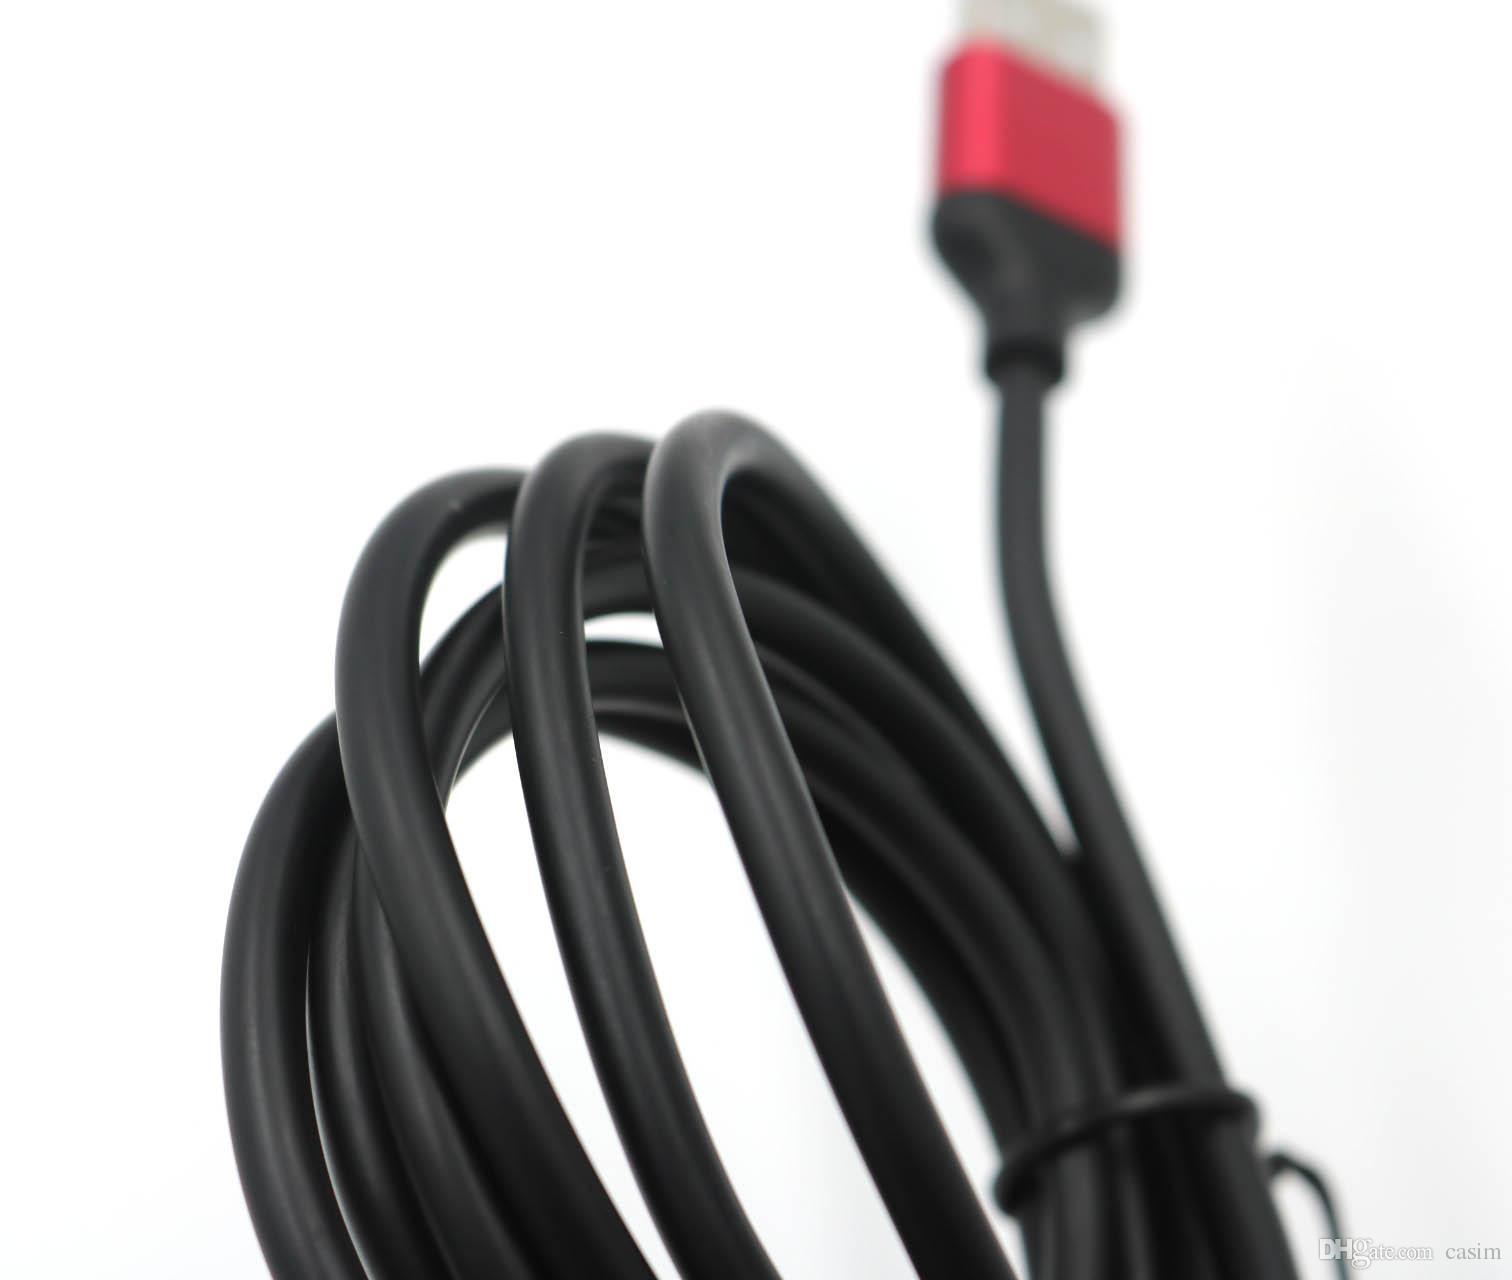 Samsung S6 S7 S8 Şarj Veri Kablosu için Mikro USB Kablo Casim Marka 3A Hızlı Aktarım Kabloları için 1.5M Tip C